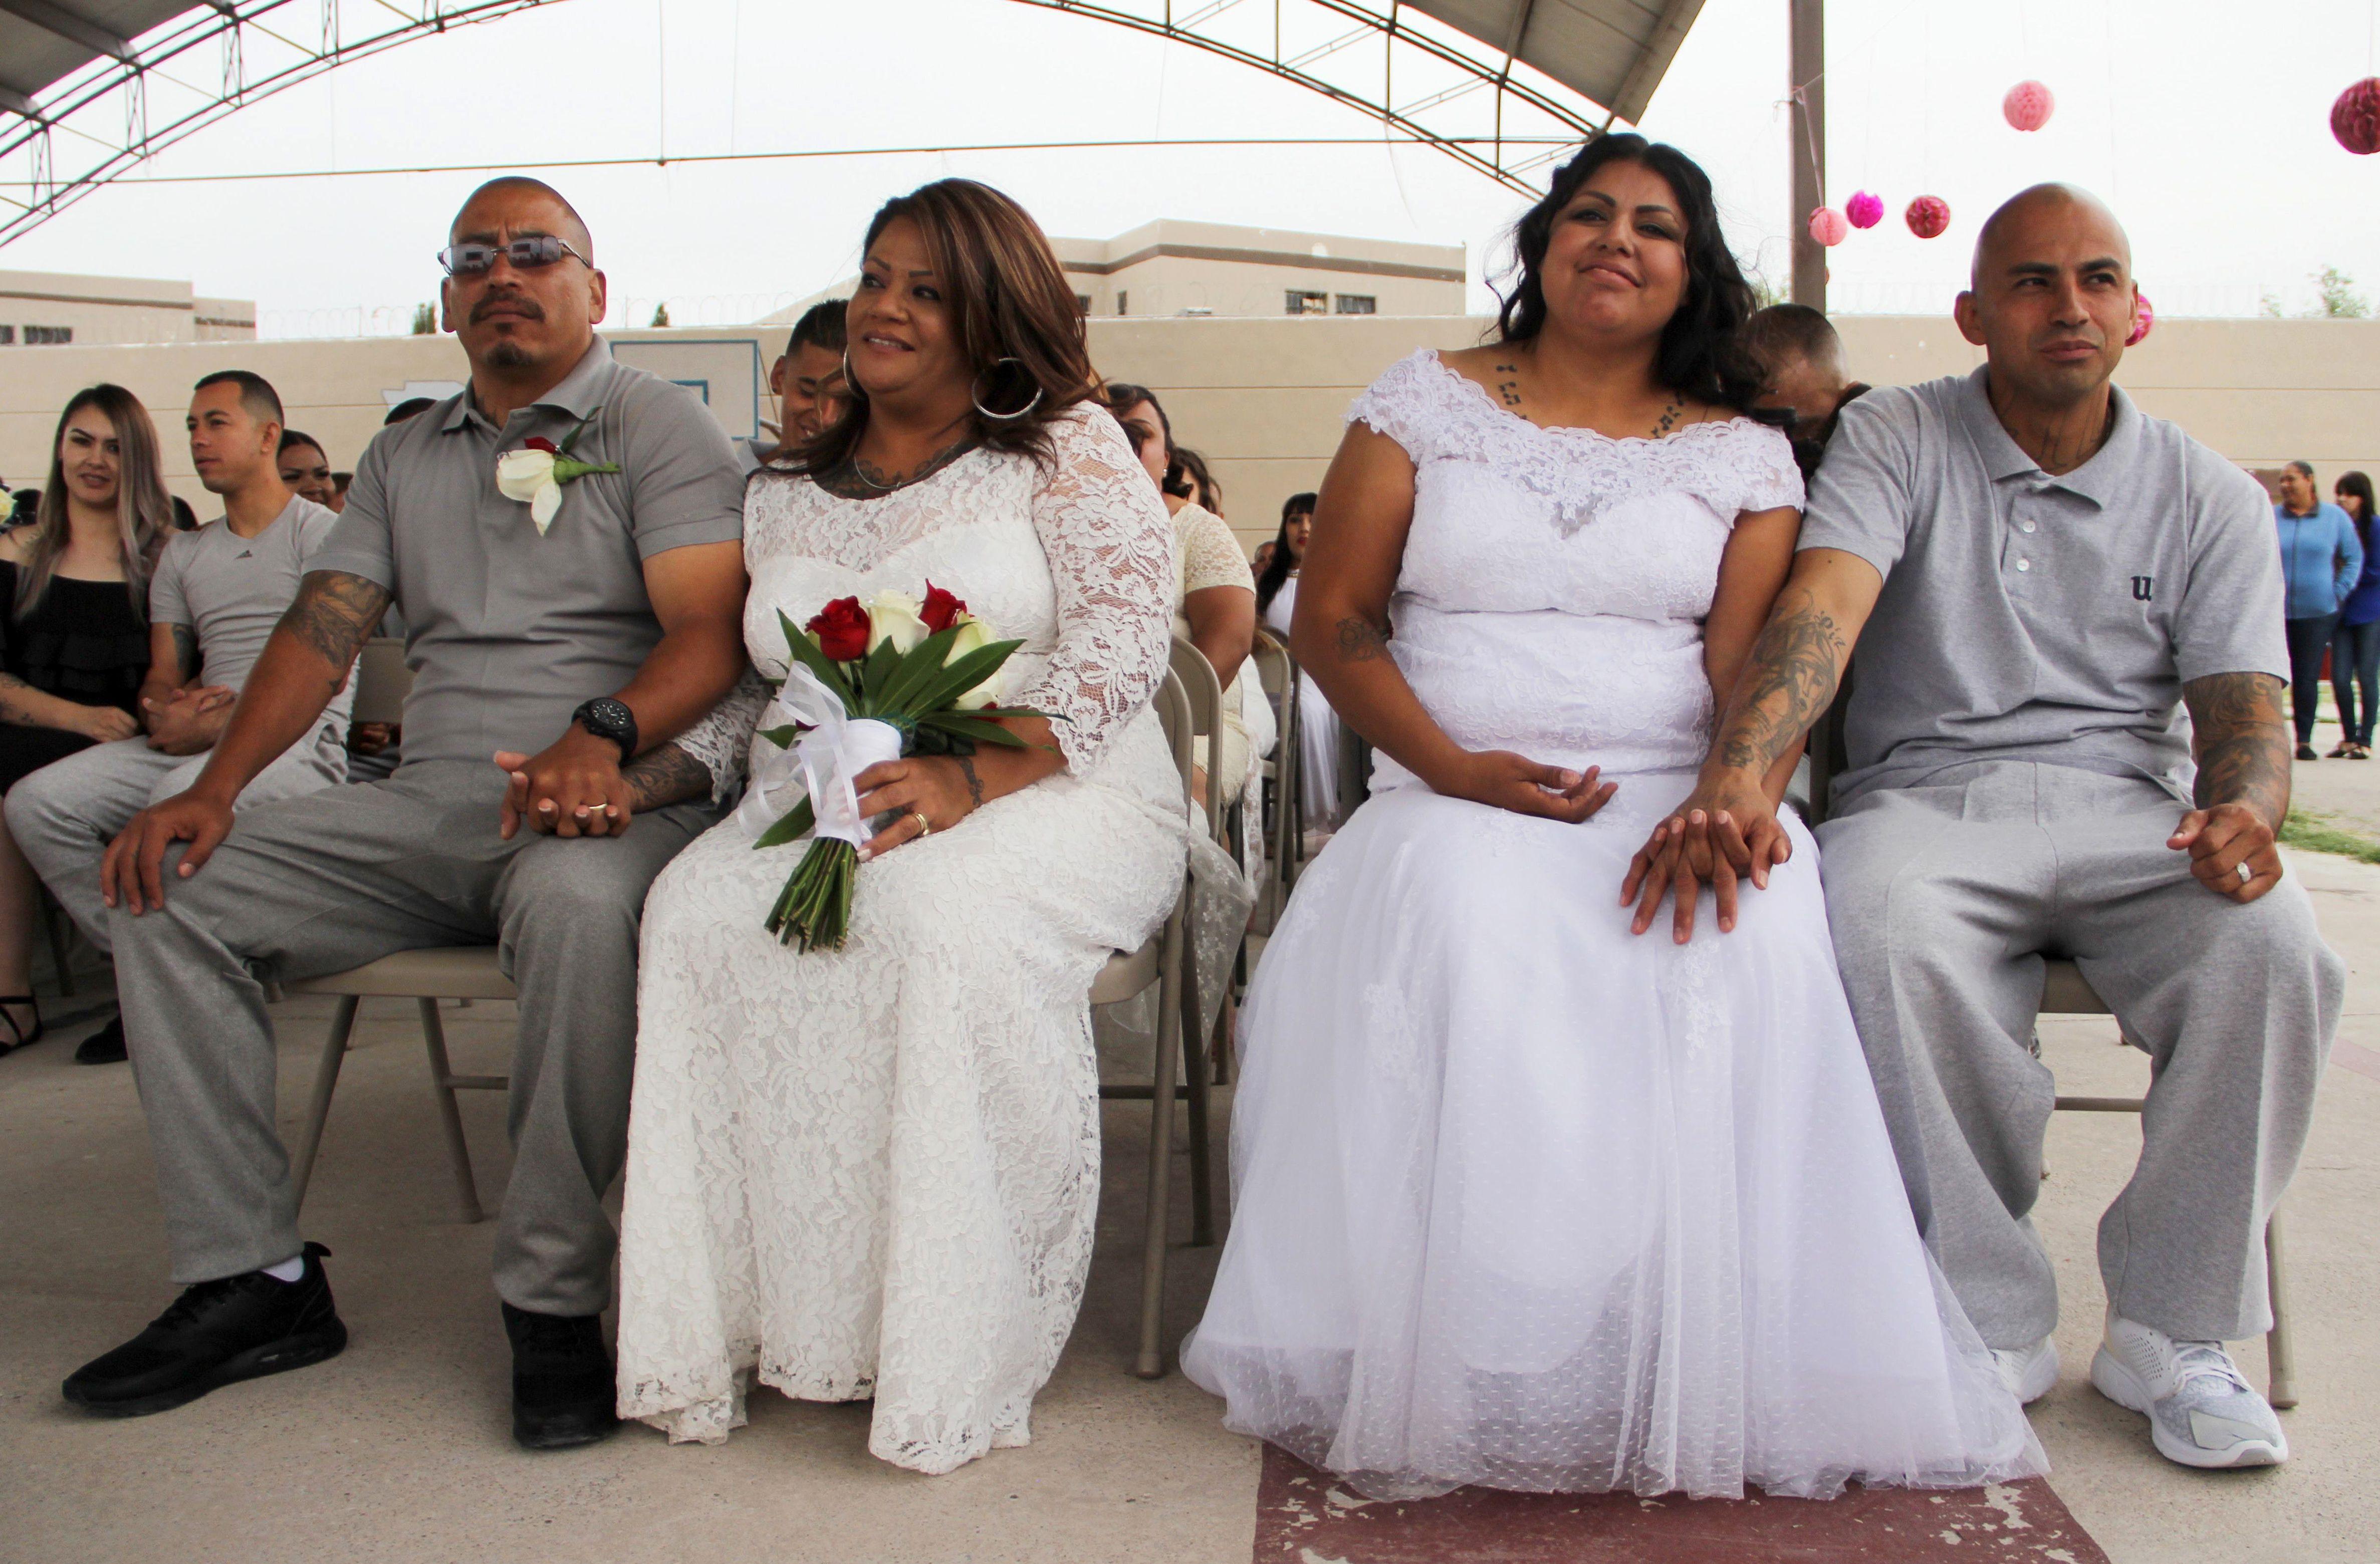 زواج جماعى وراء القضبان فى المسيك